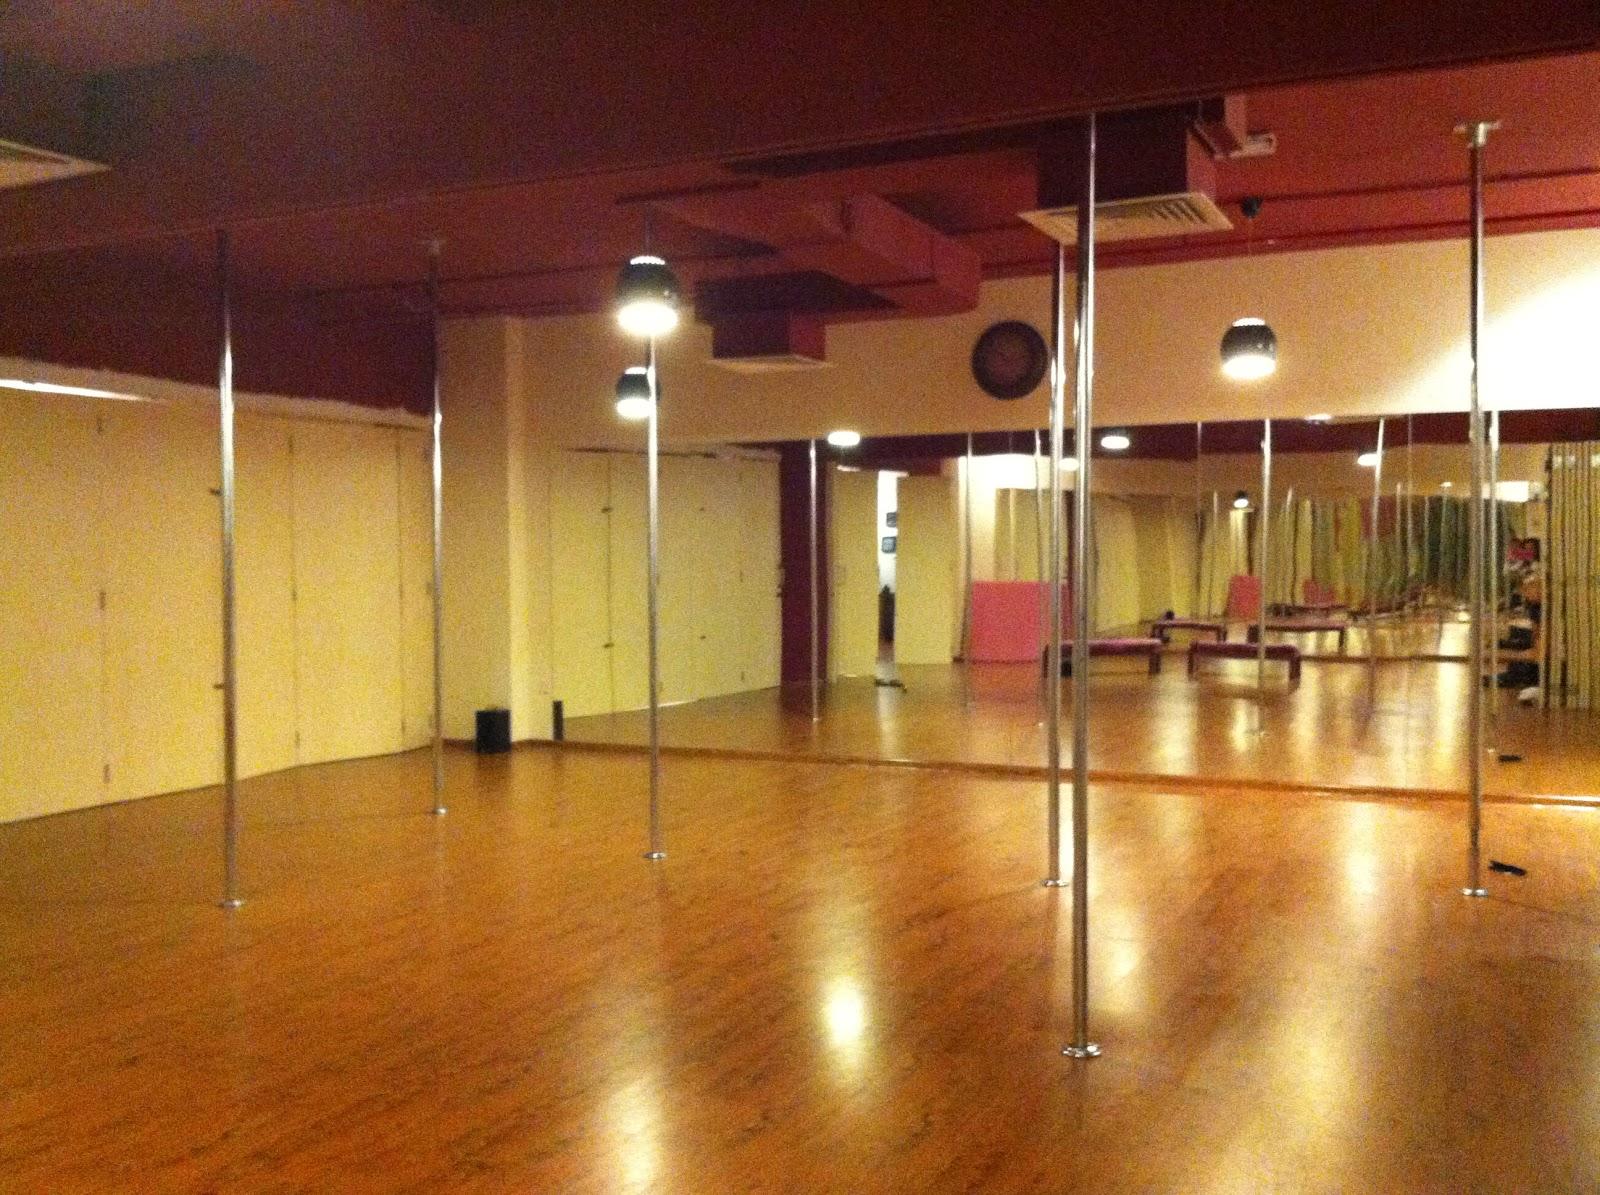 Up dance dubai for A beautiful you at vesuvio salon studios